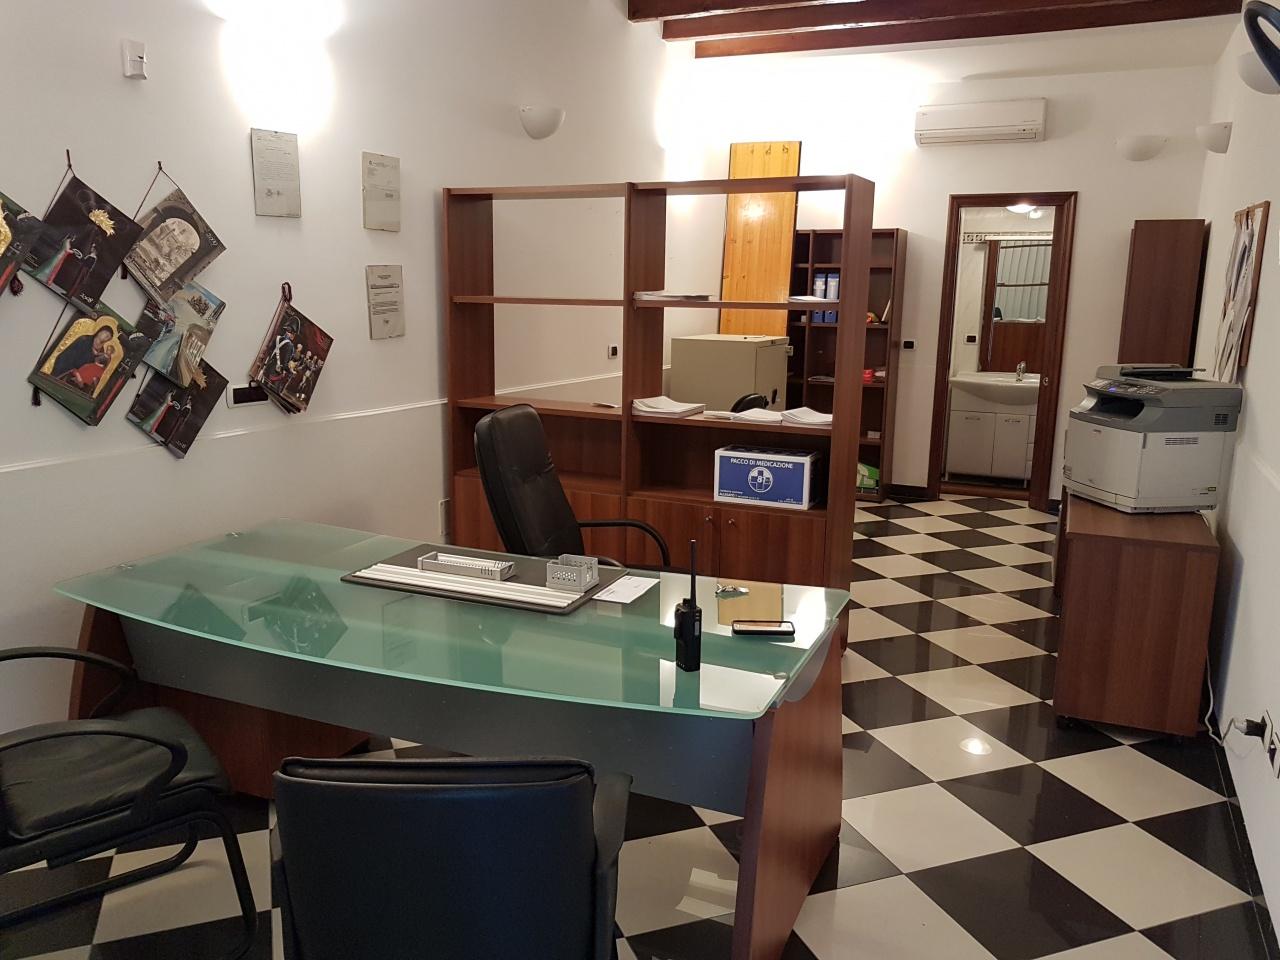 Negozio / Locale in vendita a Chiavari, 1 locali, prezzo € 88.000 | PortaleAgenzieImmobiliari.it